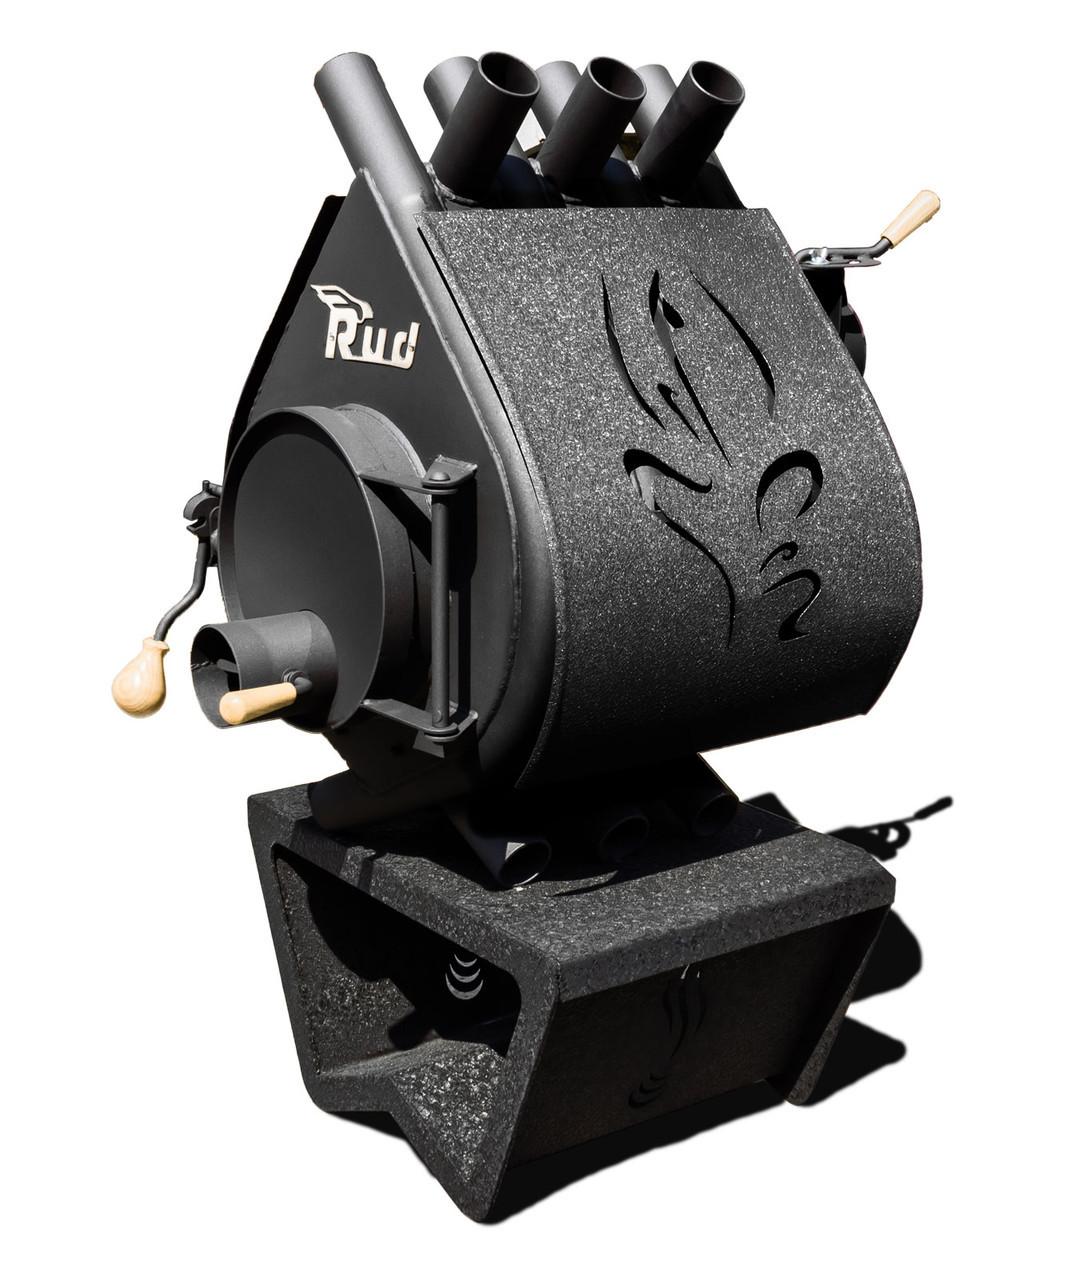 Печь буллерьян rud pyrotron кантри  с обшивкой декоративной 7 кВт [тип 00]